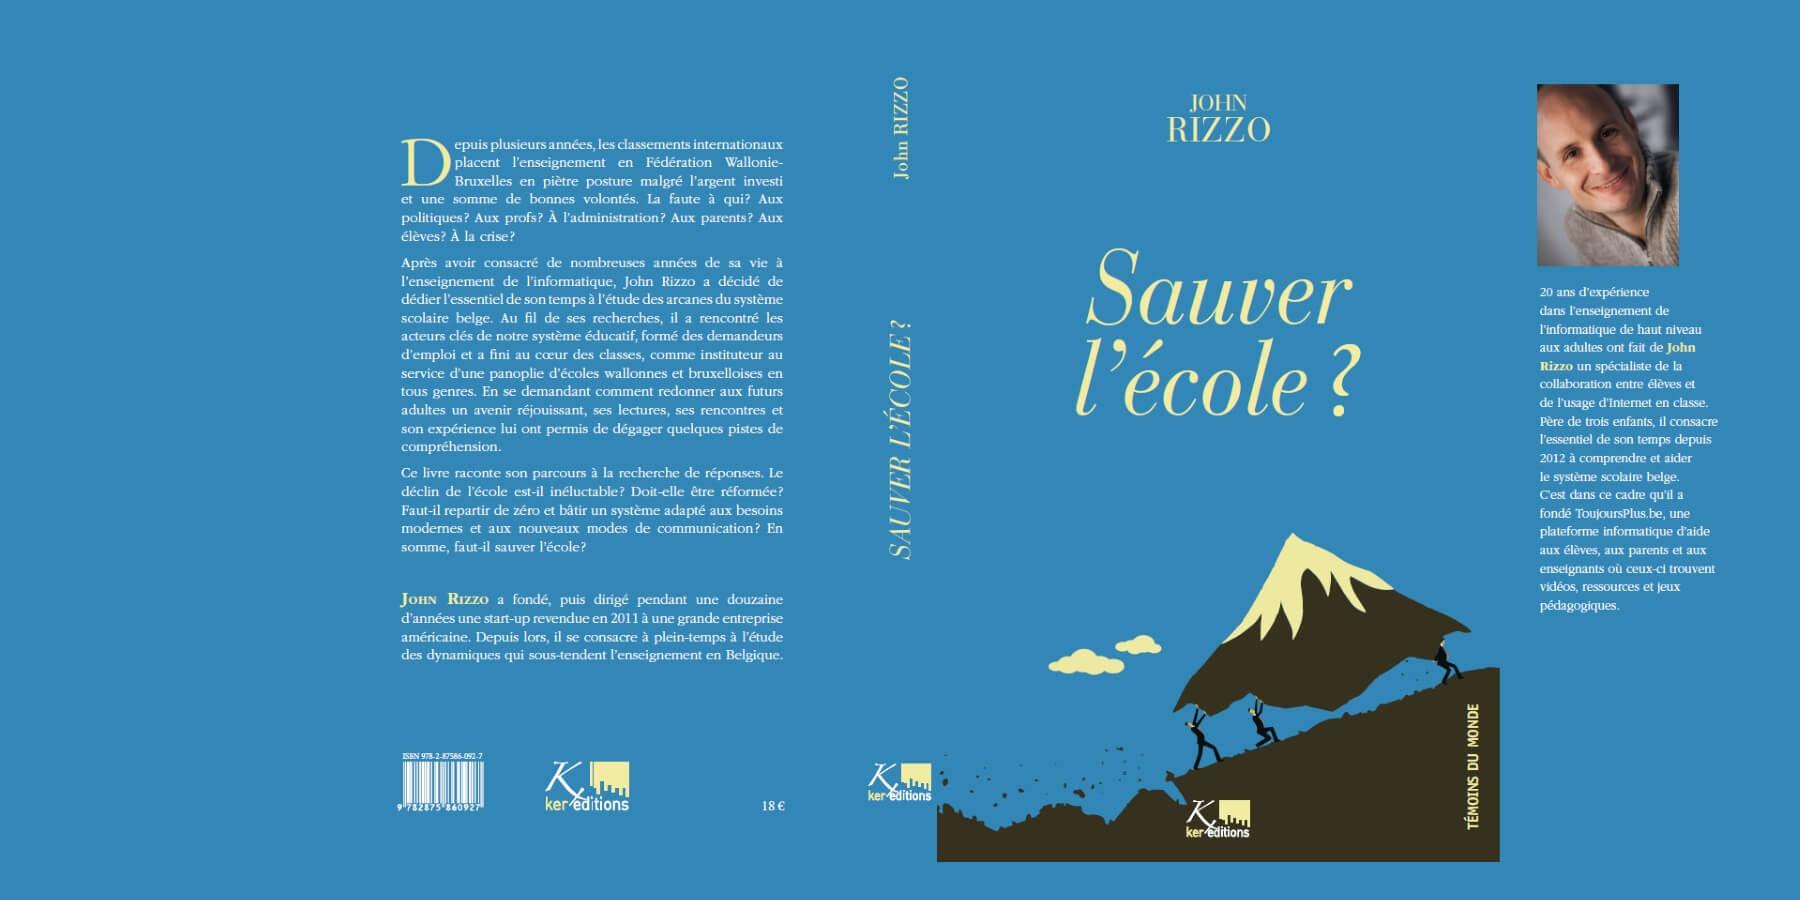 8-Sauver-l-ecole-couverture-ouverte